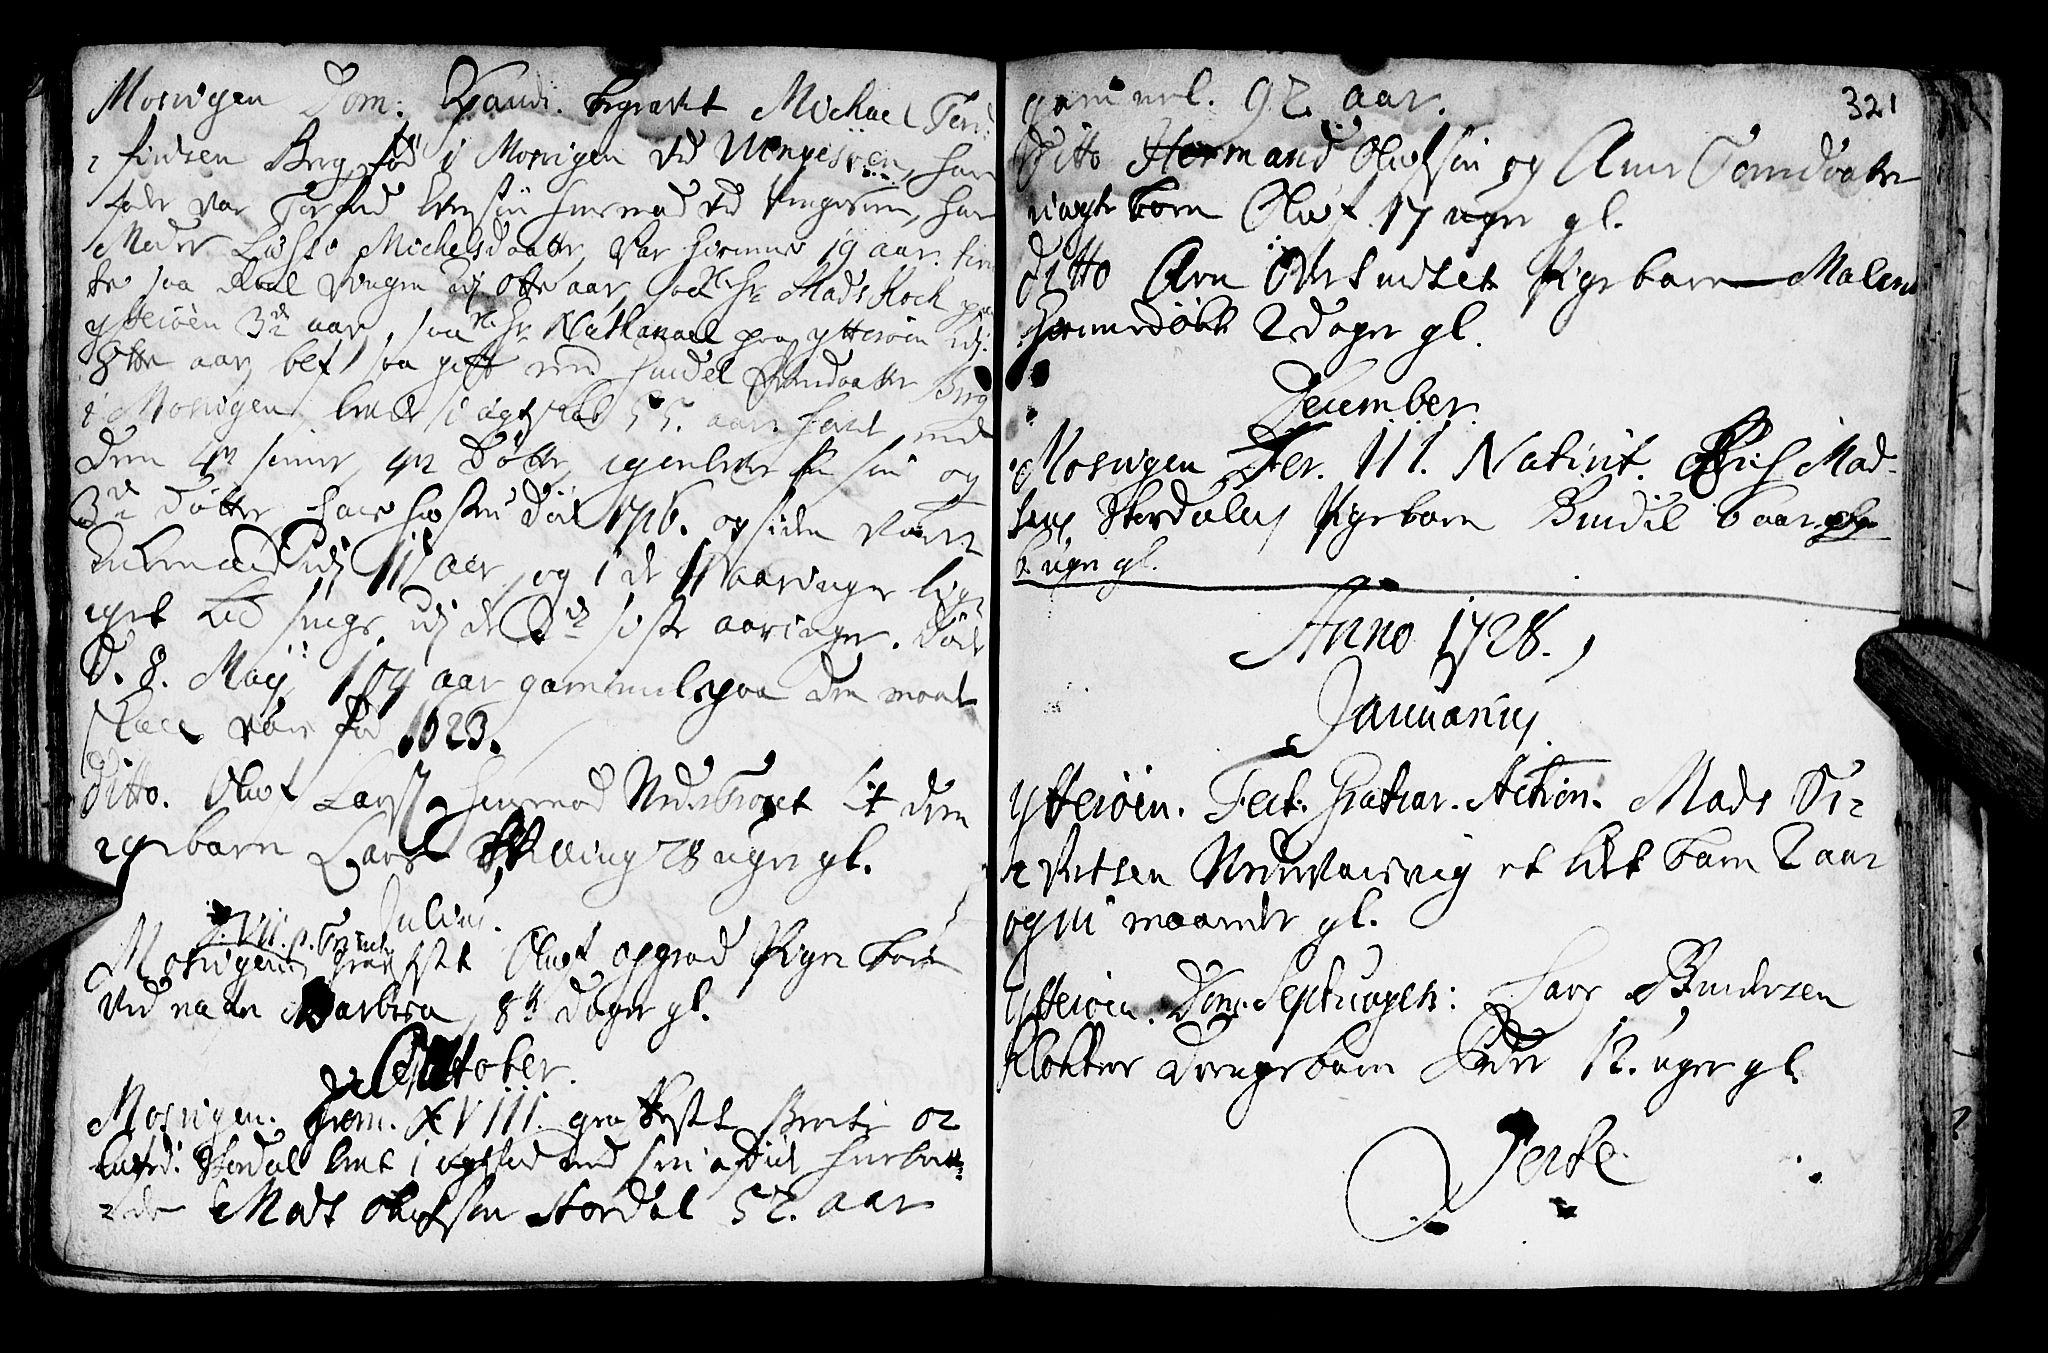 SAT, Ministerialprotokoller, klokkerbøker og fødselsregistre - Nord-Trøndelag, 722/L0215: Parish register (official) no. 722A02, 1718-1755, p. 321